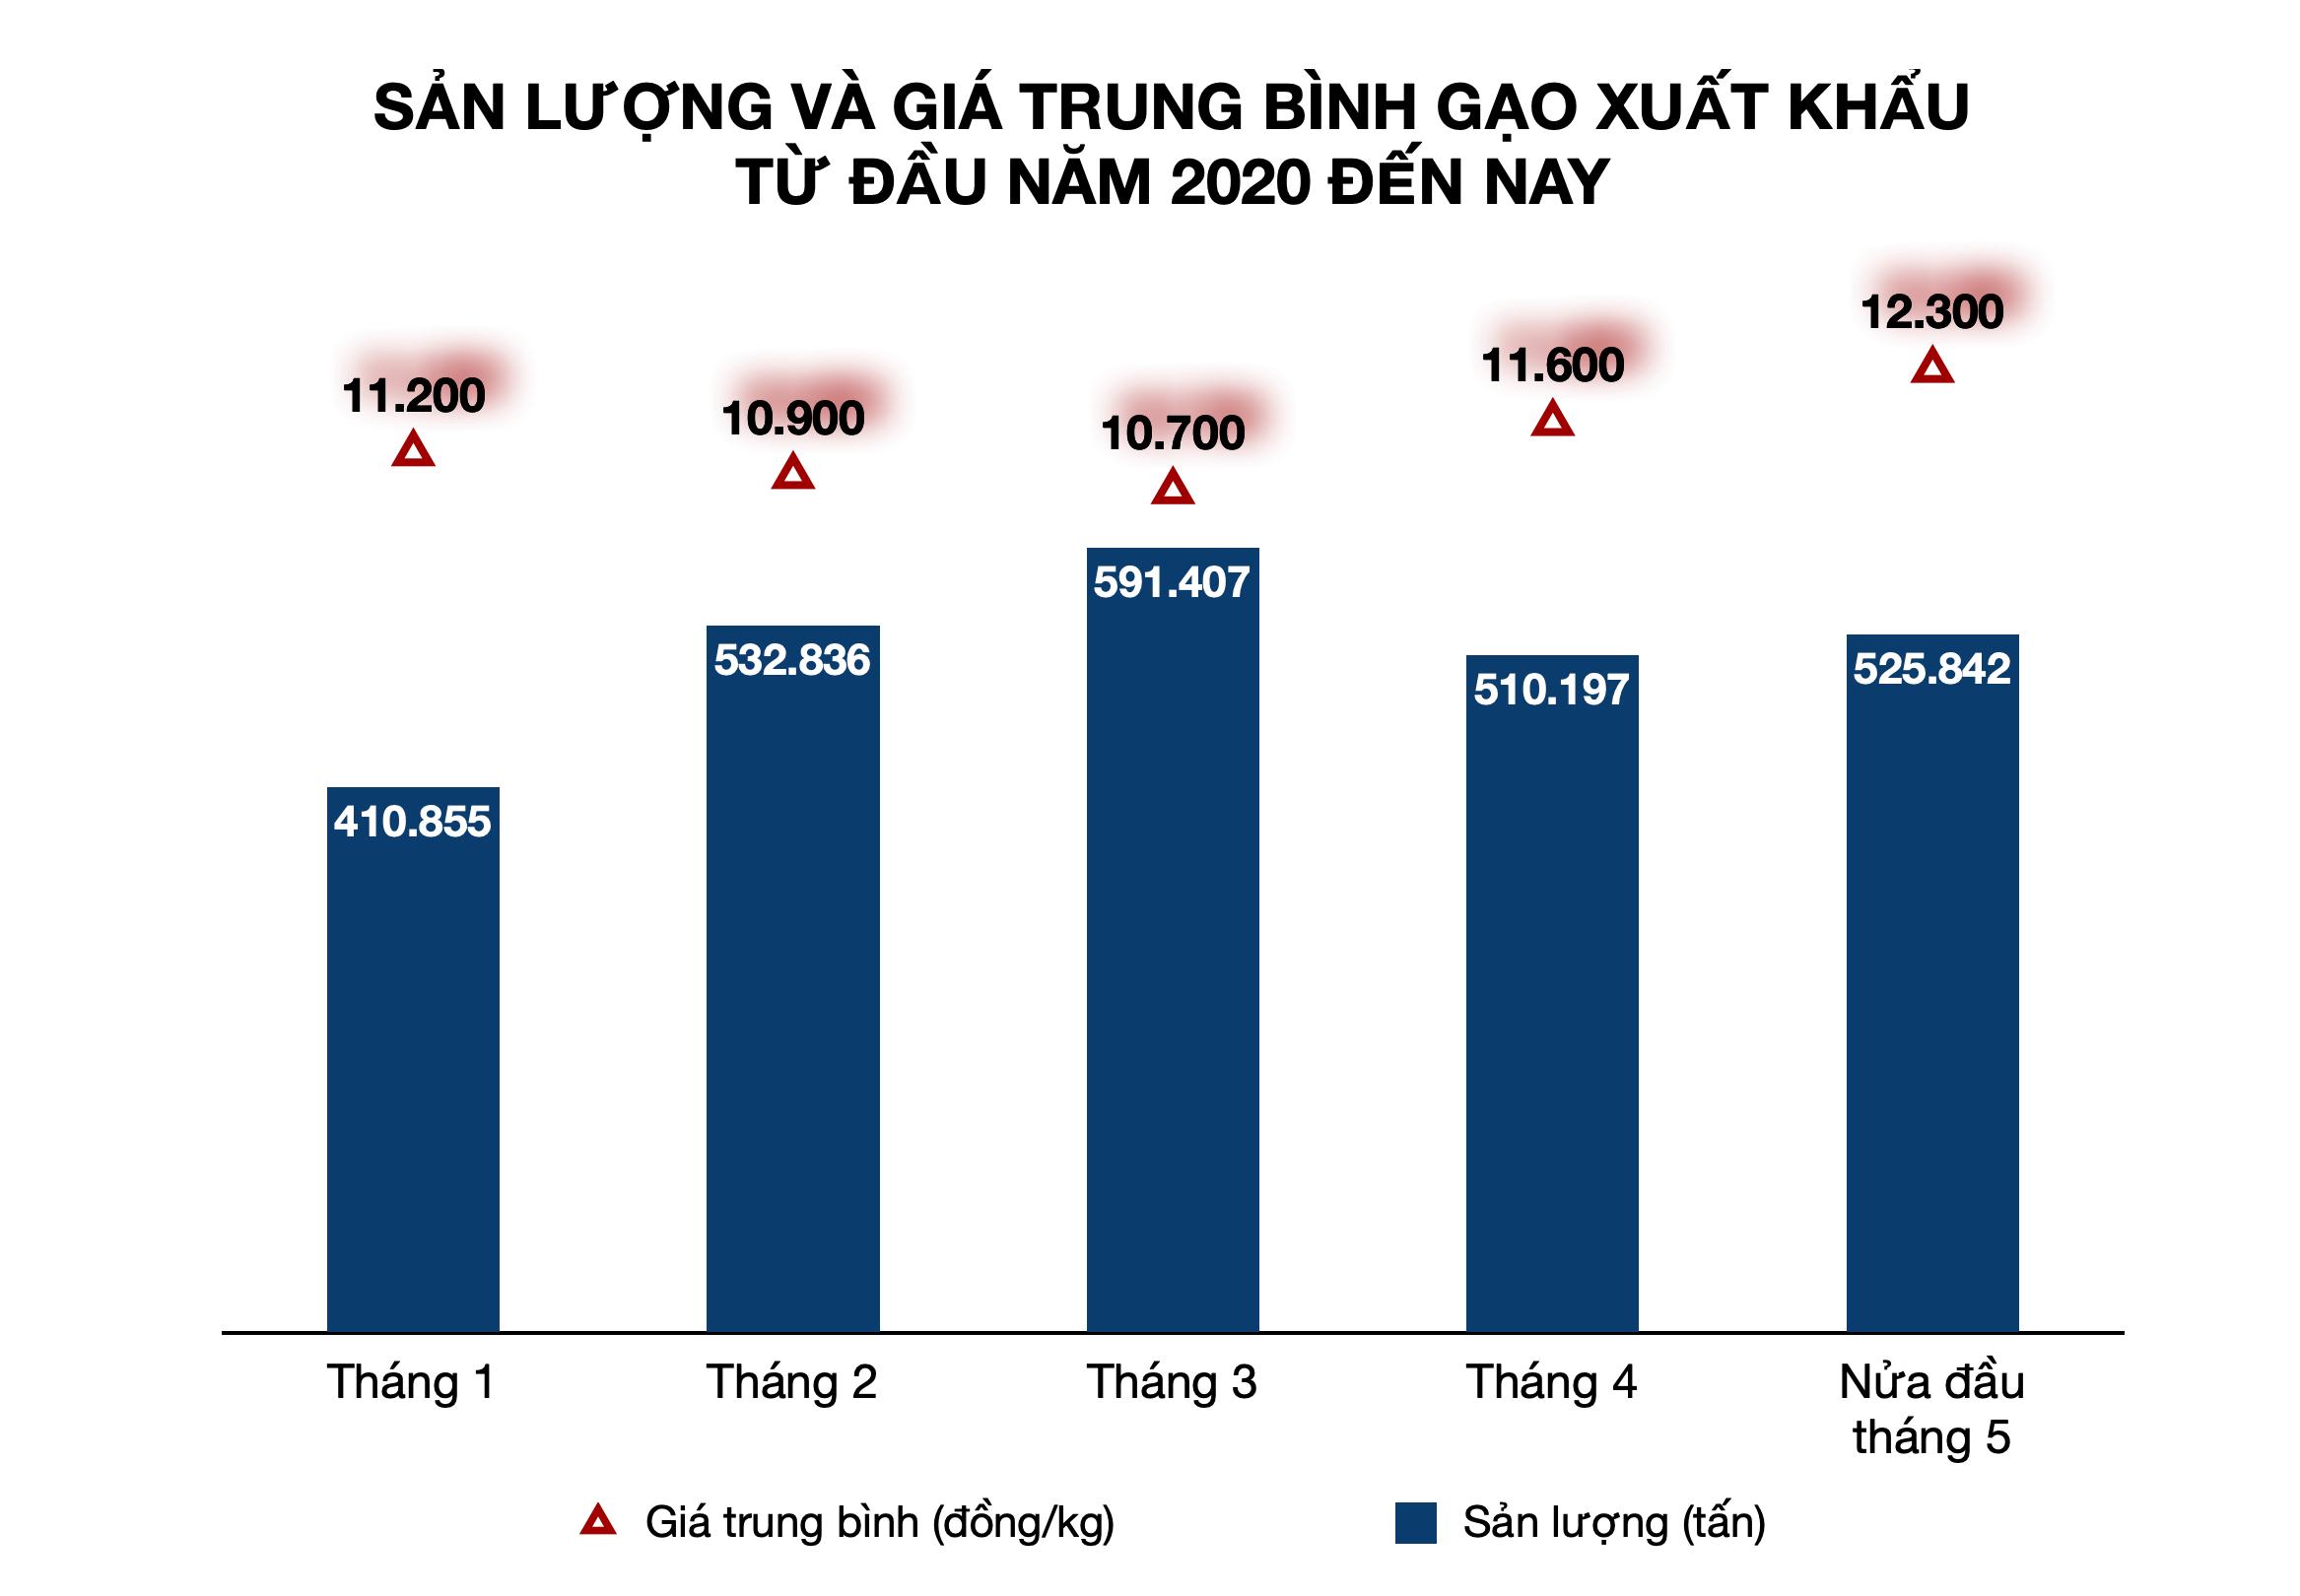 Giá gạo xuất khẩu Việt Nam đang cao nhất gần một năm qua, hơn gạo Ấn Độ gần 100 USD/tấn - Ảnh 3.